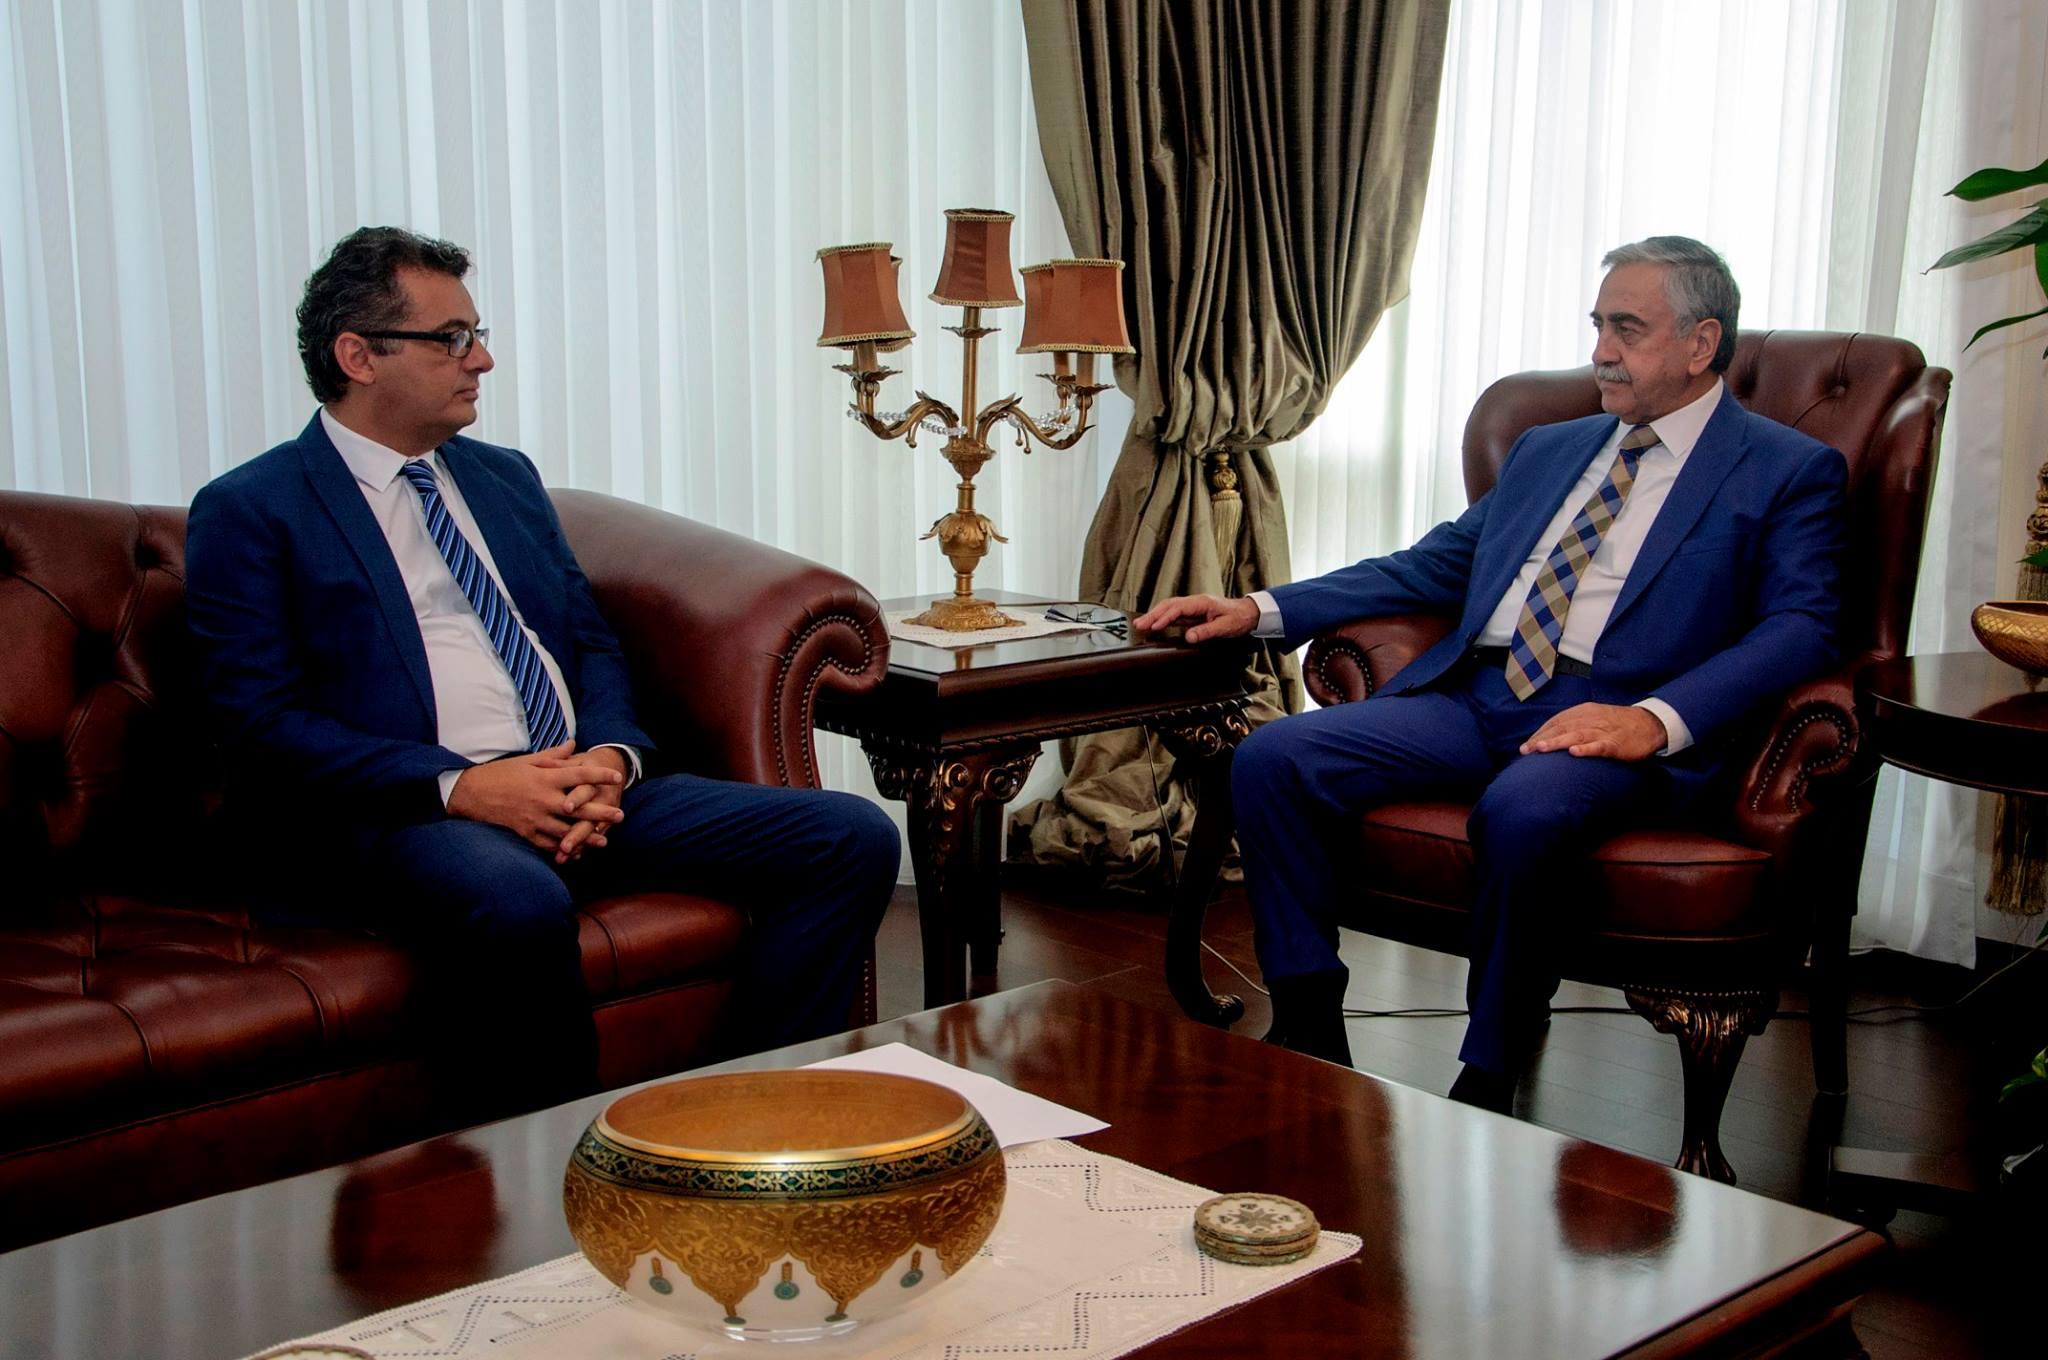 Заседание Мустафы Акынджи и премьер-министра Туфана Эрхюрмана